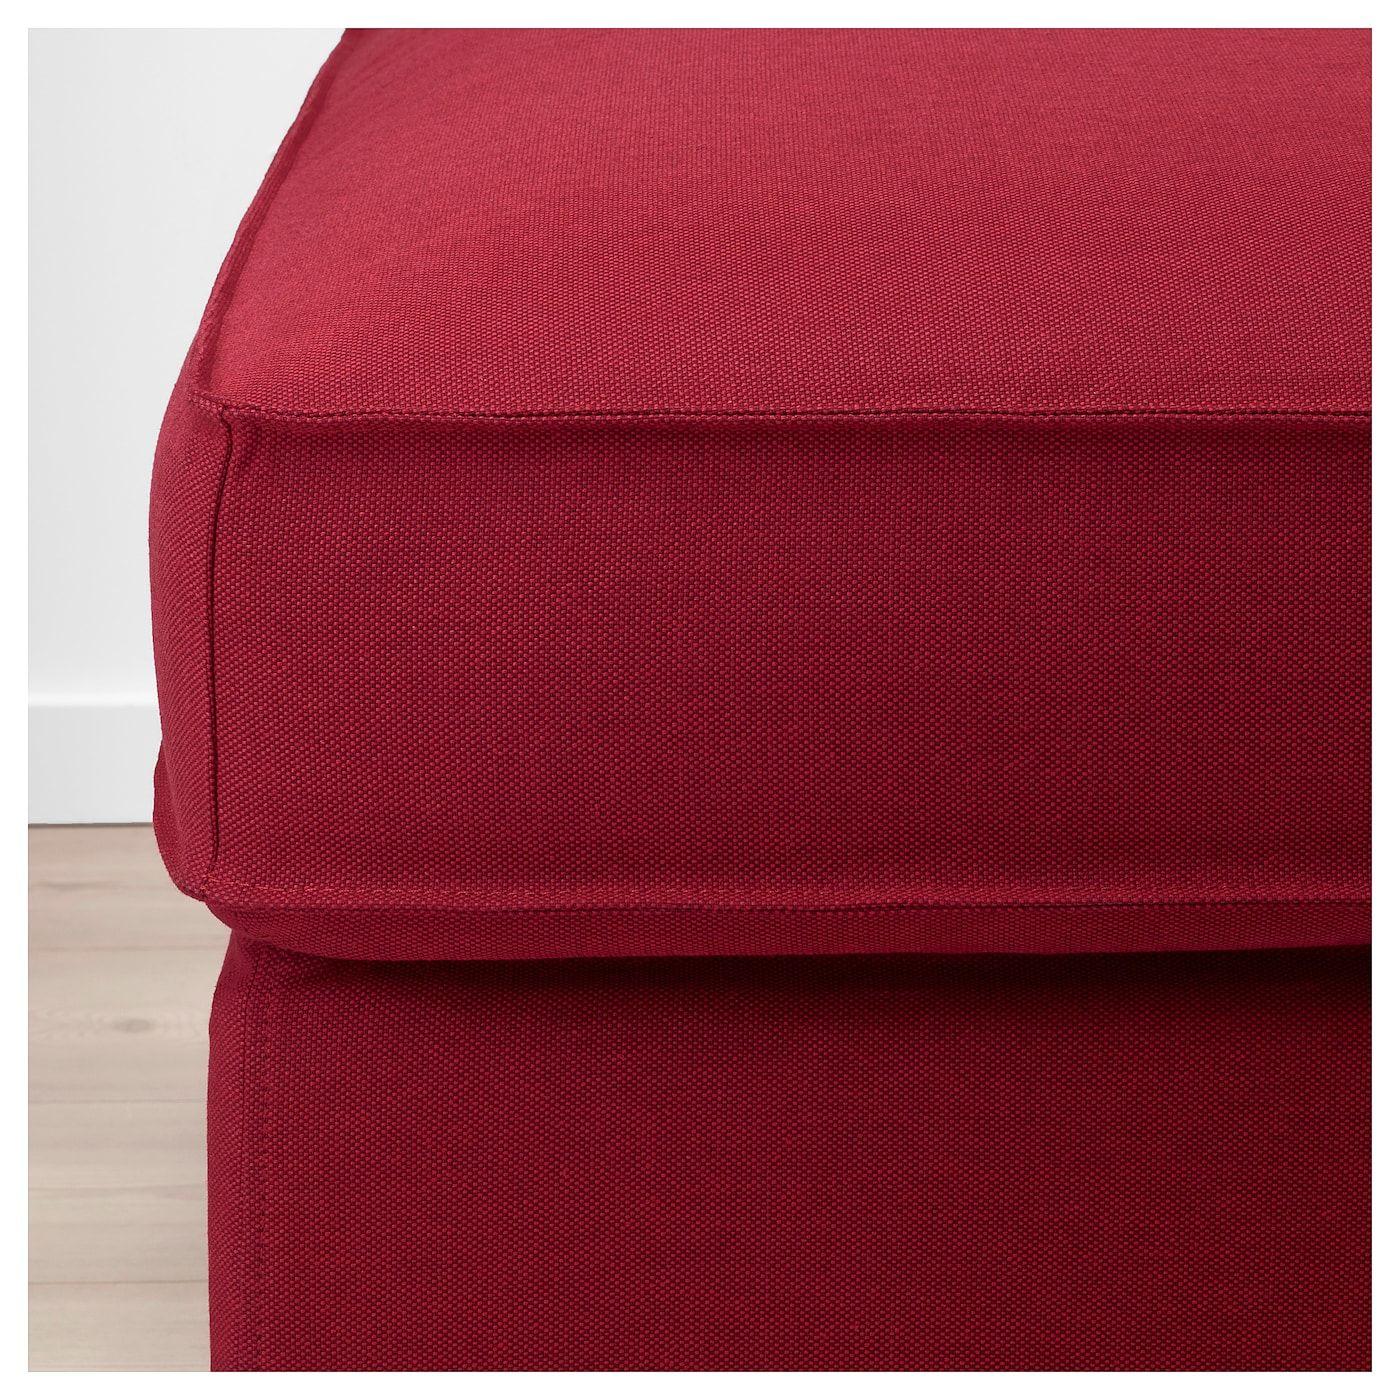 Ikea Kivik Footstool With Storage Storage Footstool Fabric